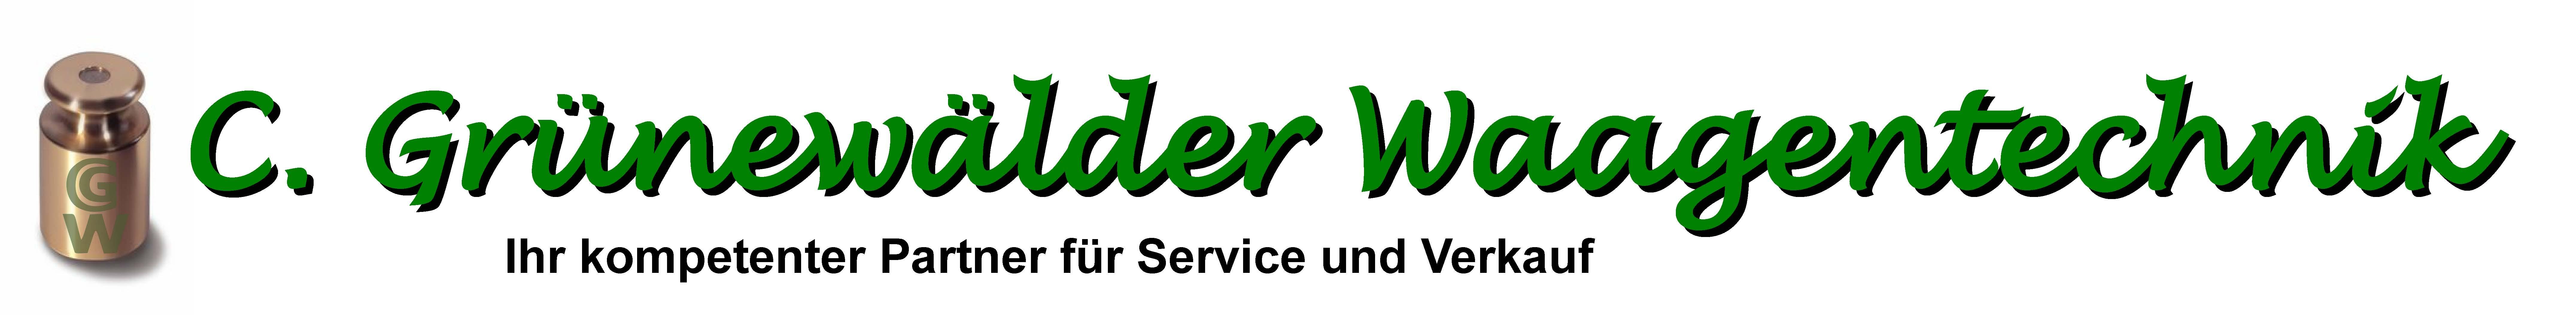 Wägetechnik aus Nordrhein-Westfalen – C. Grünewälder Waagentechnik